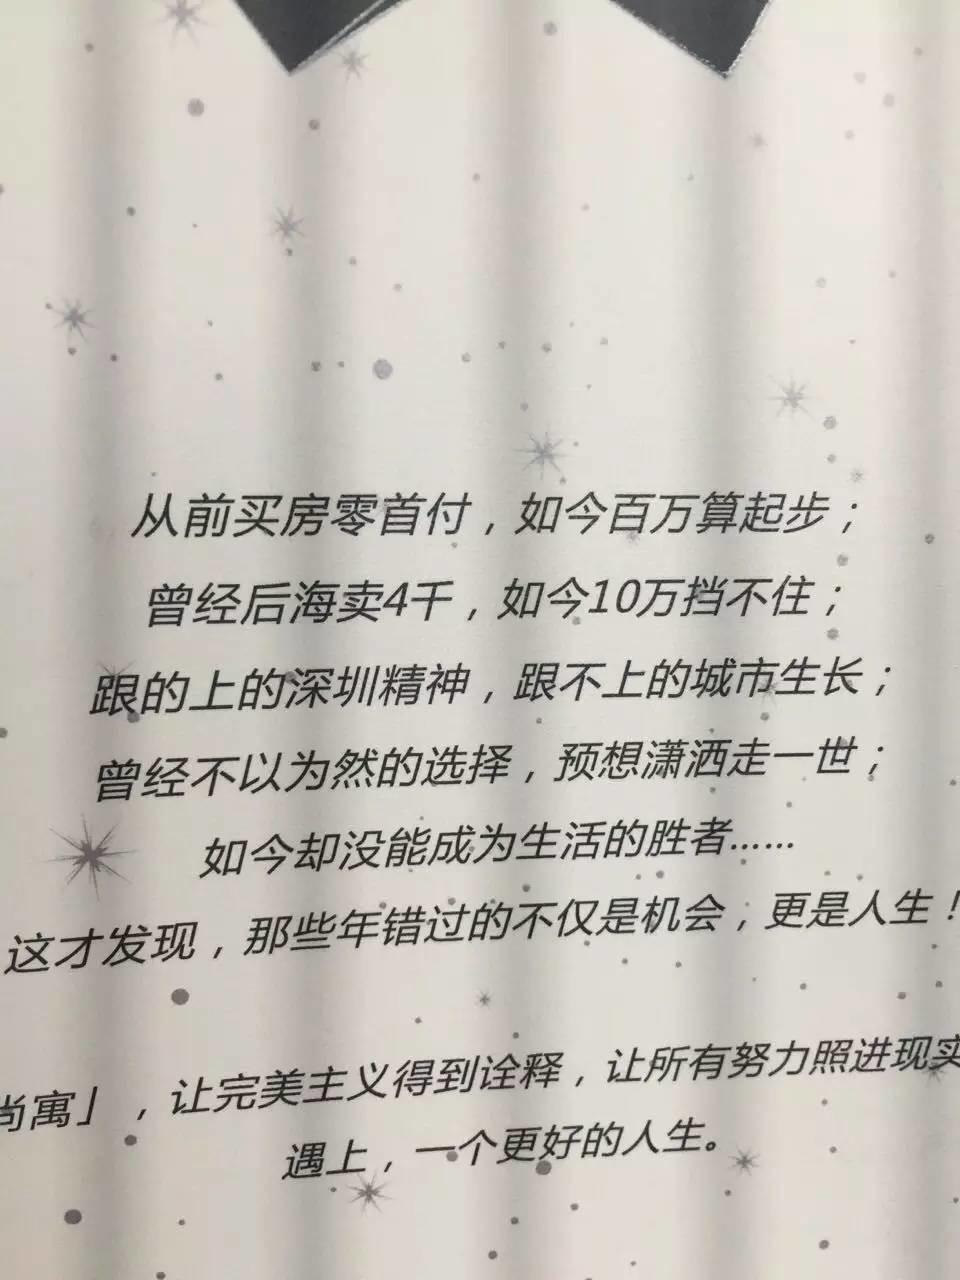 6平米房宣传海报上的文案 图 / 安小庆